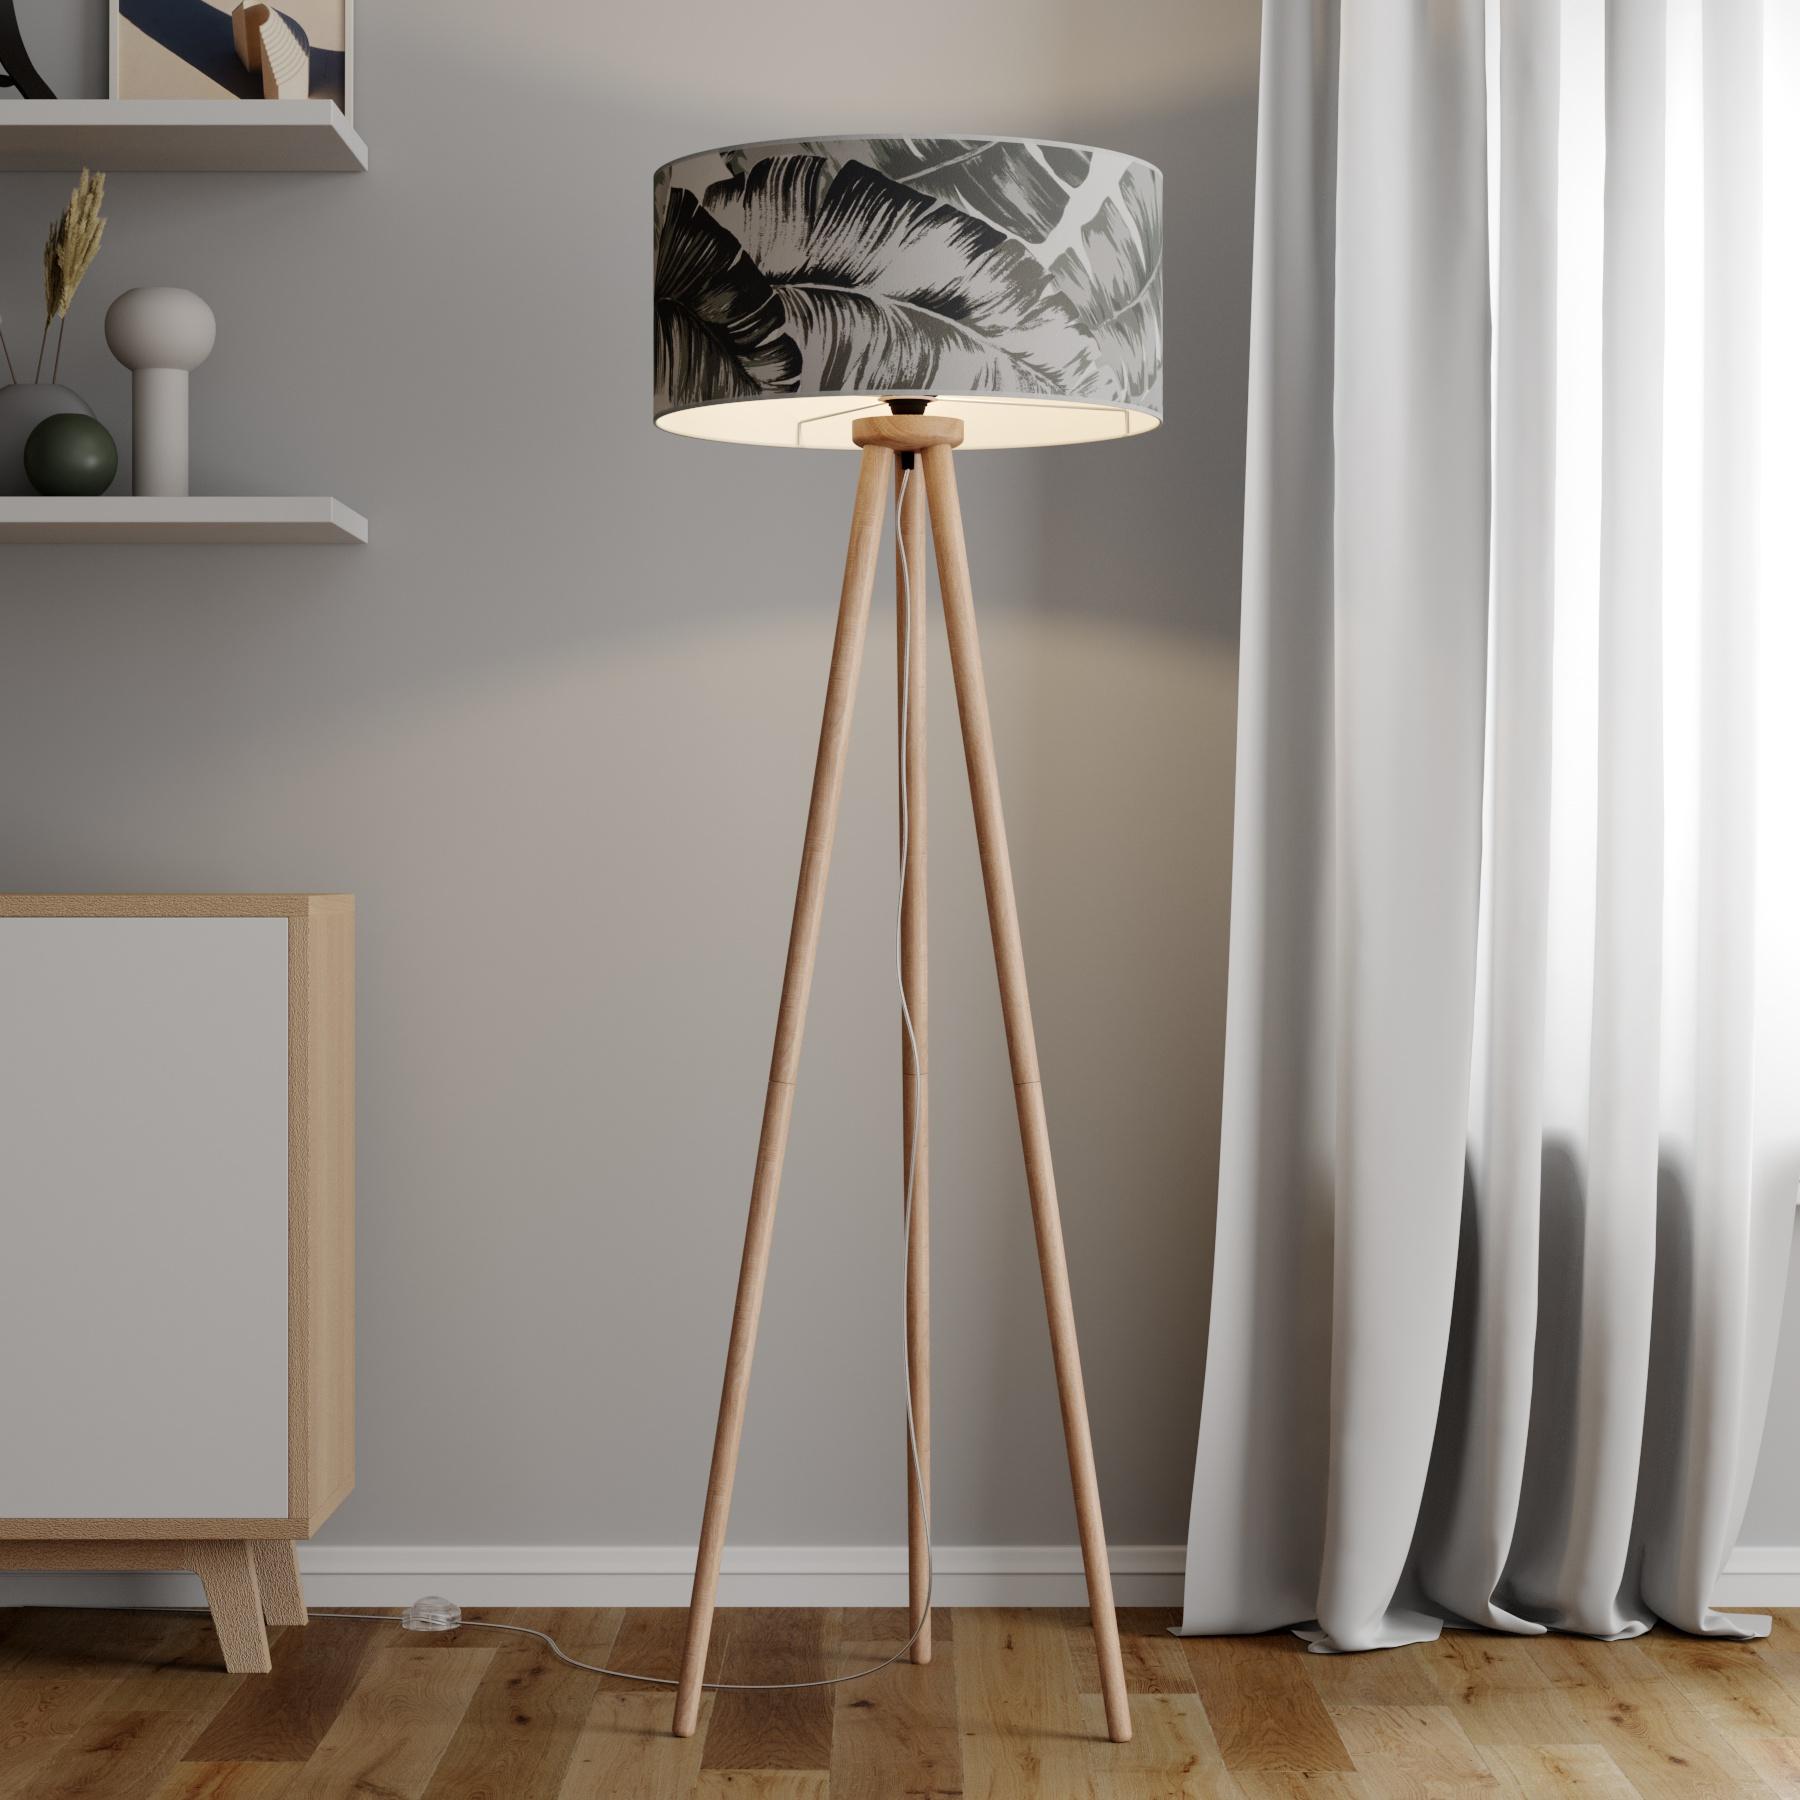 Stehleuchte Madera mit bedrucktem Lampenschirm